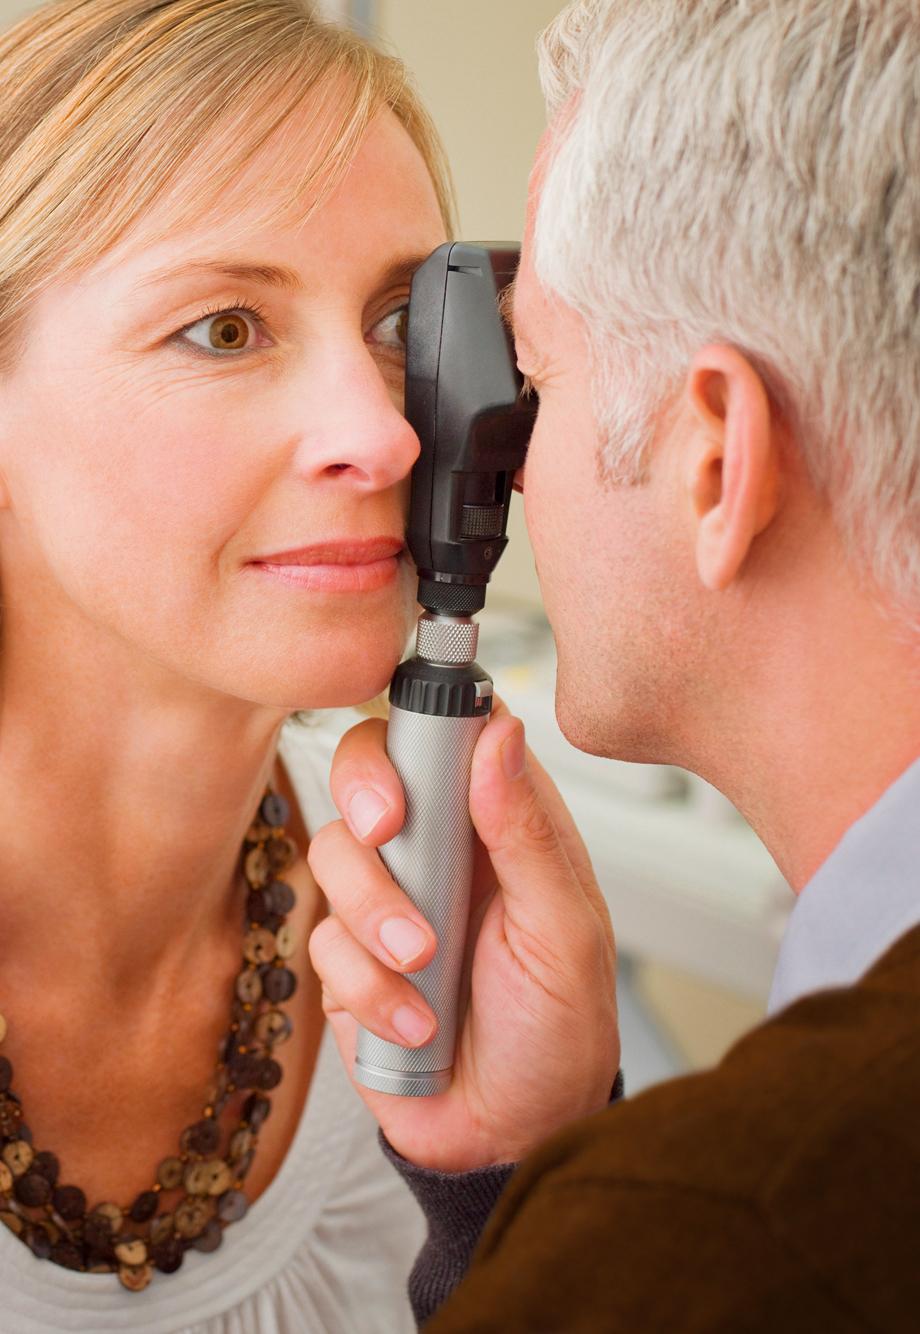 TSK-Ophthalmic-needles-large-4